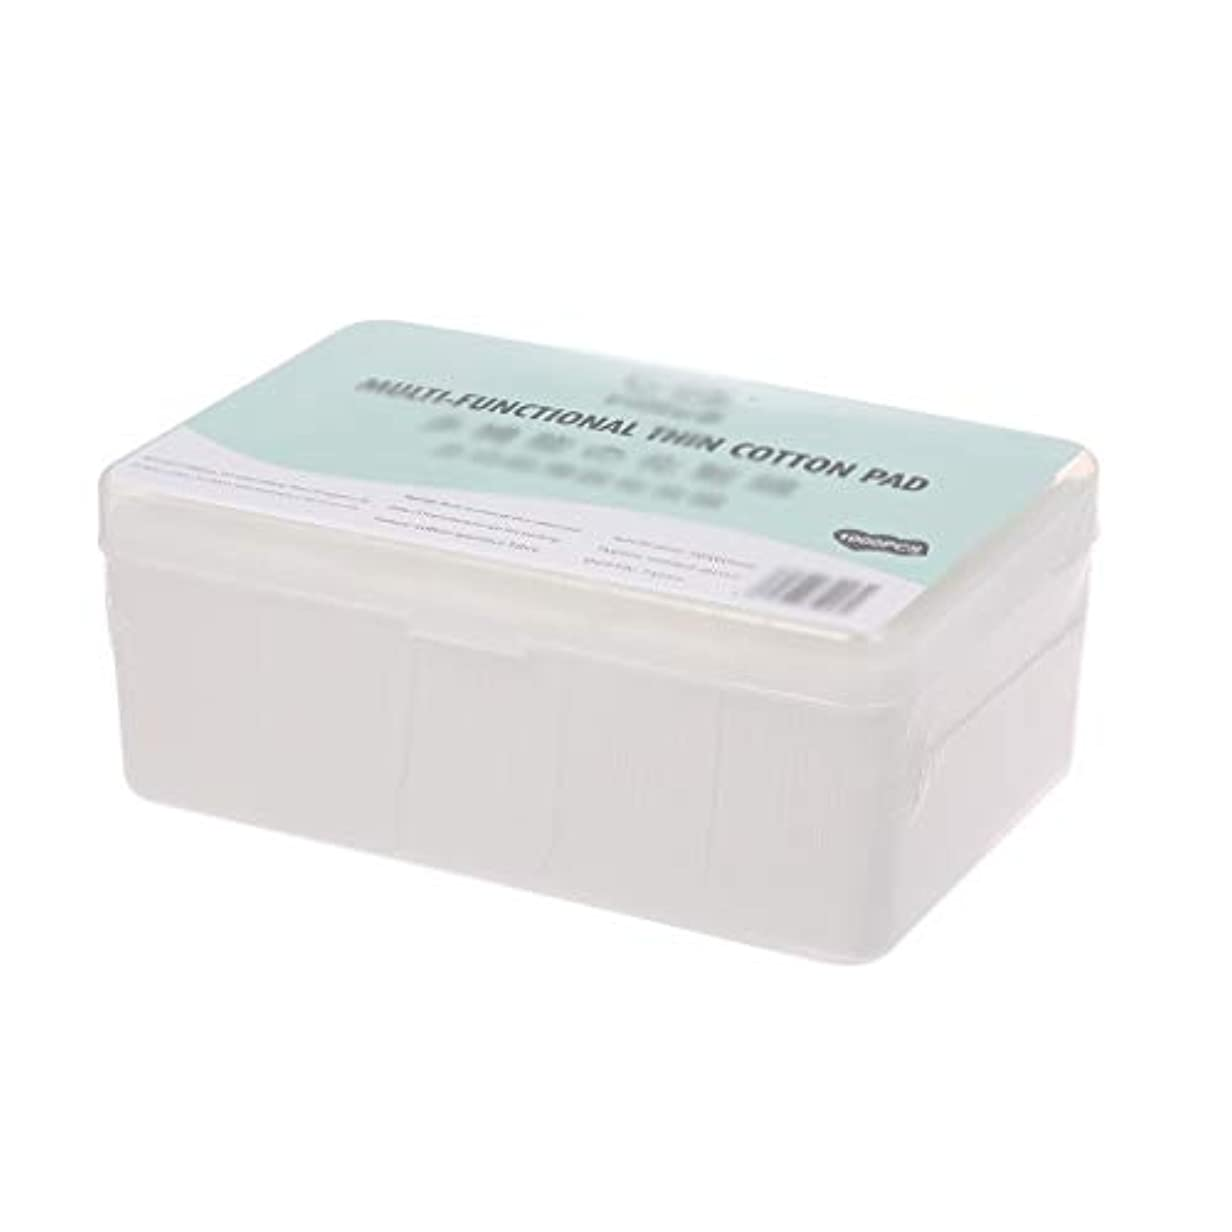 ハウジング囚人ルビークレンジングシート 1000ピース箱入り使い捨て超薄型コットンメイク落としネイルポリッシュリムーバークレンジングティッシュペーパーペーパー (Color : White, サイズ : 5*6cm)